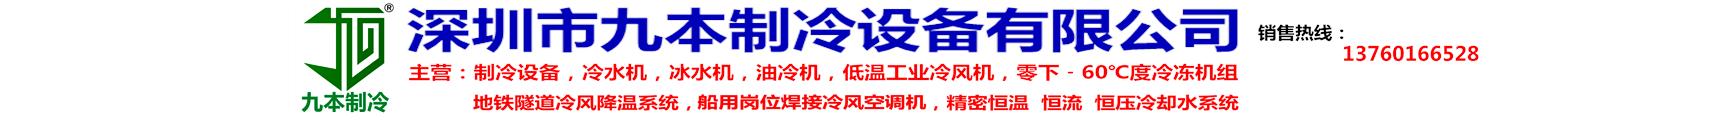 深圳市九本製冷設備有限公司